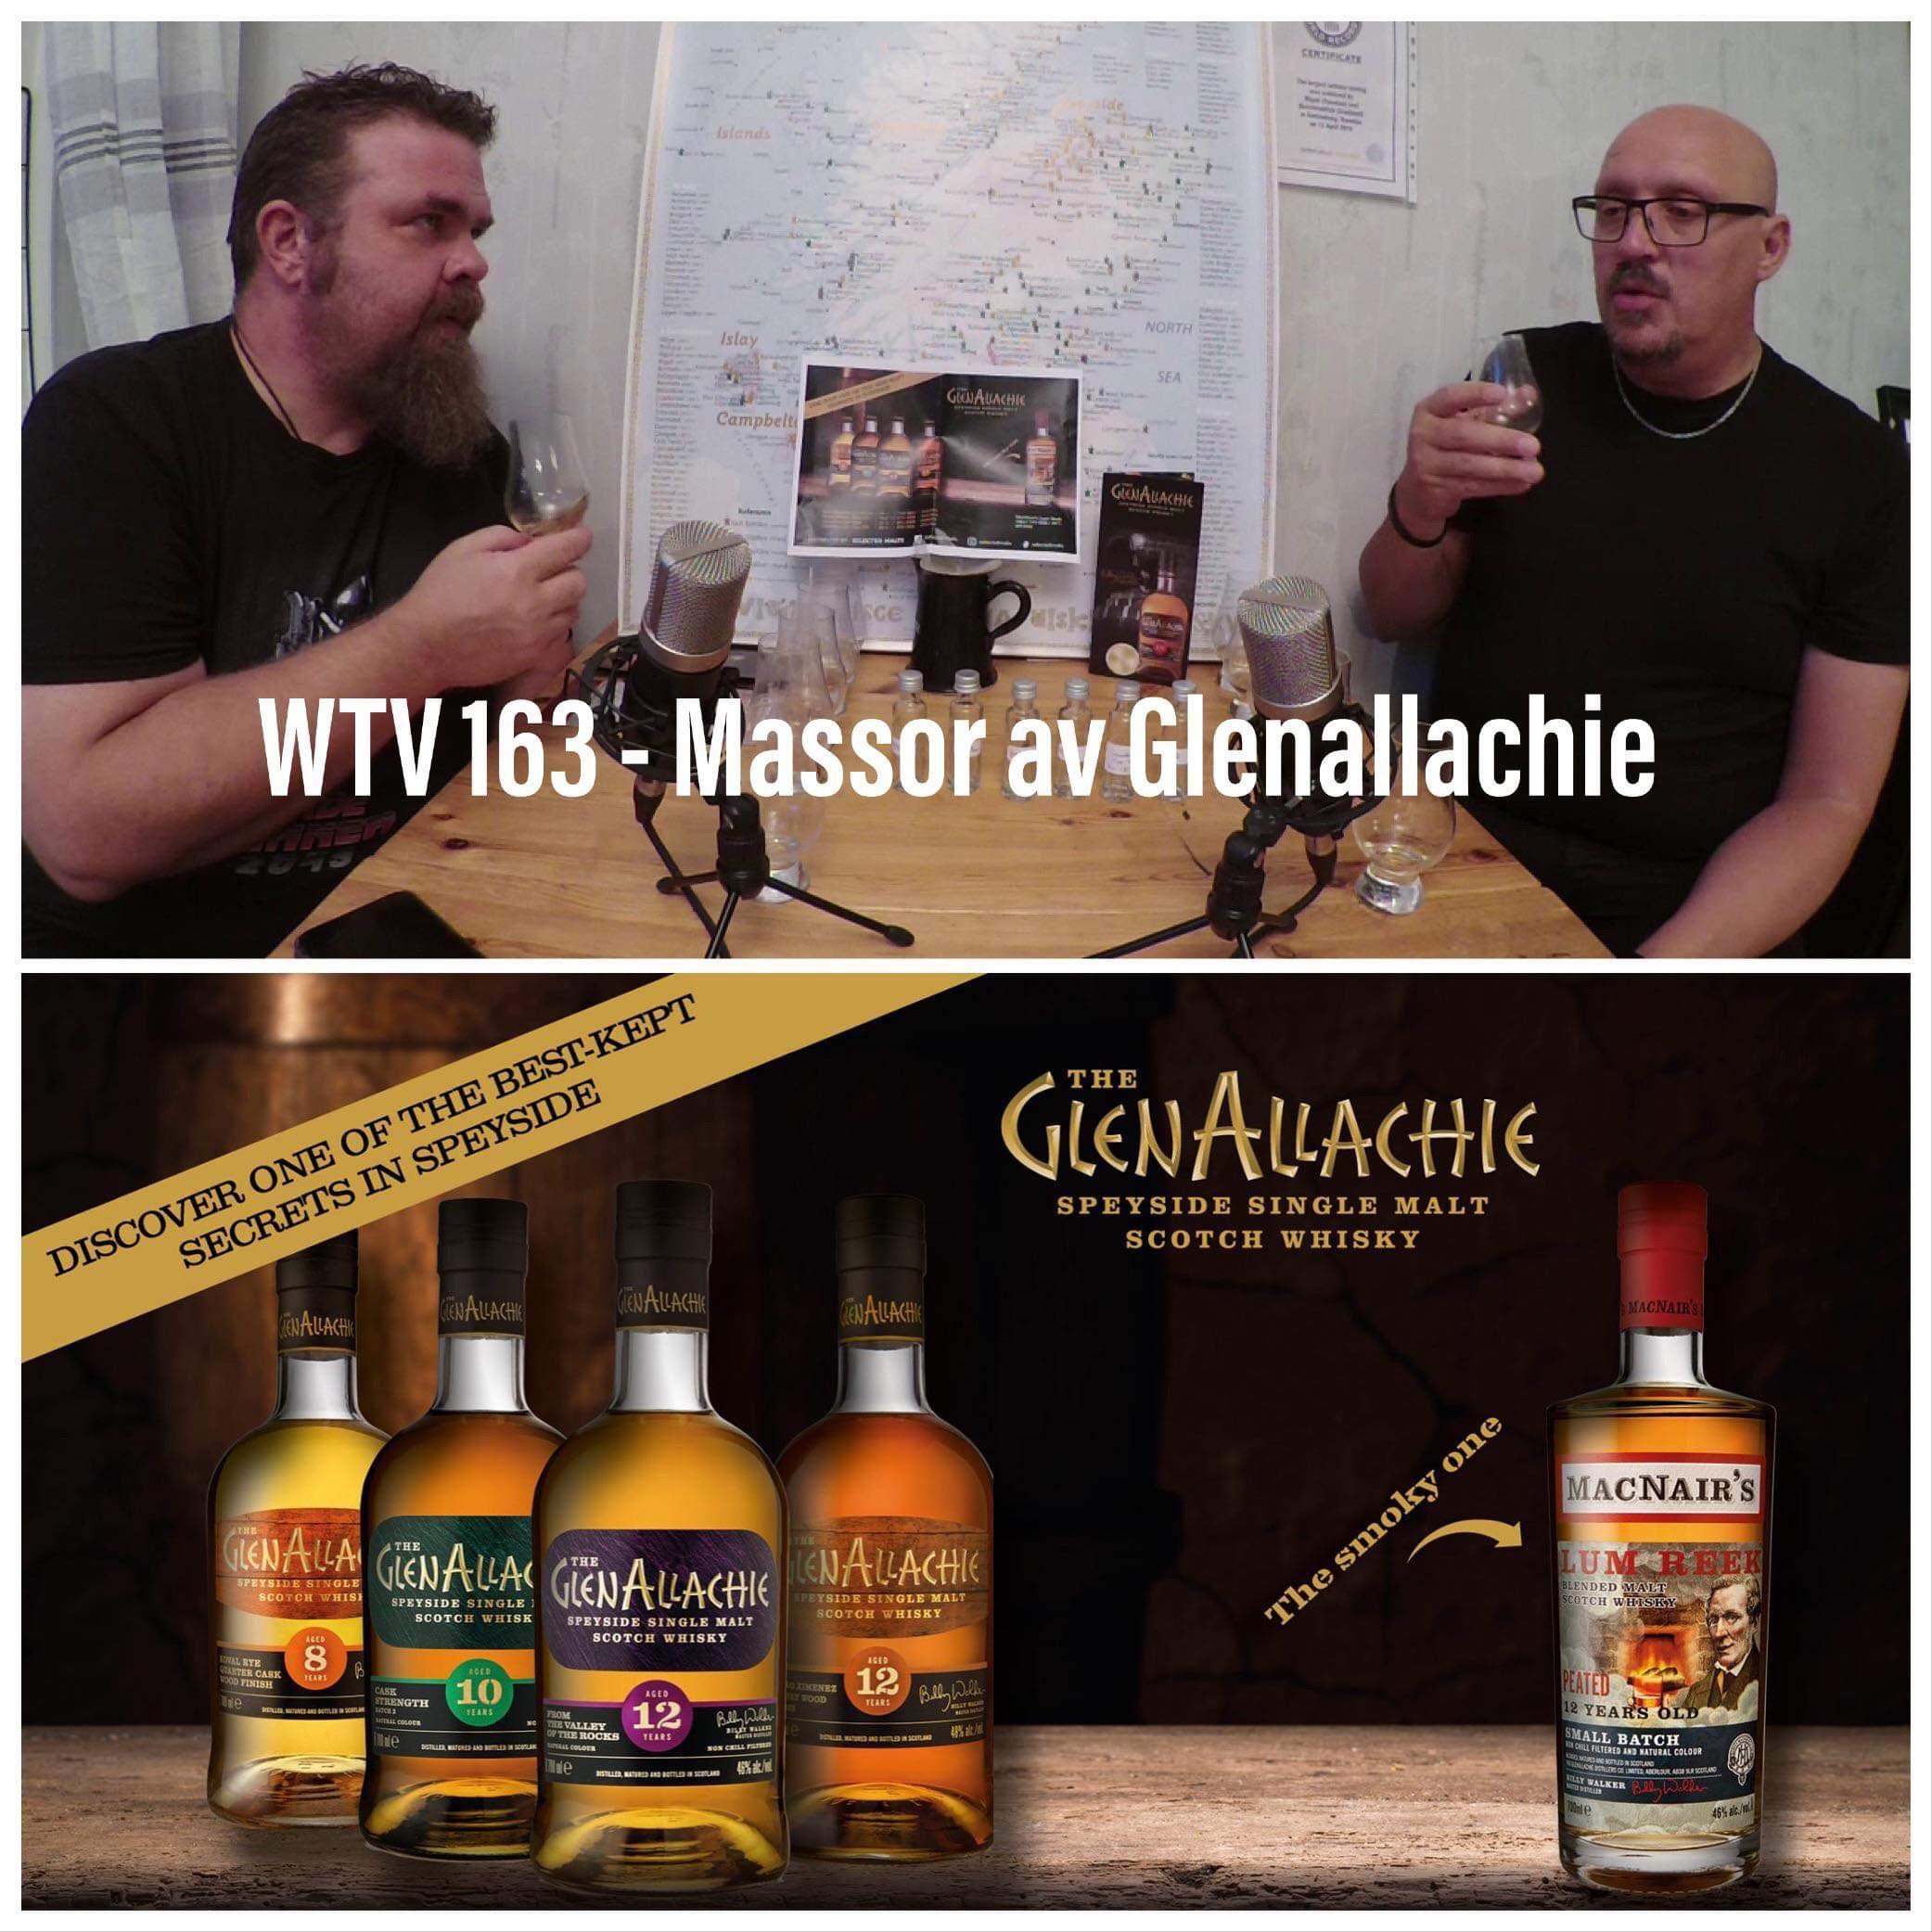 WTV 163 – Massor av Glenallachie